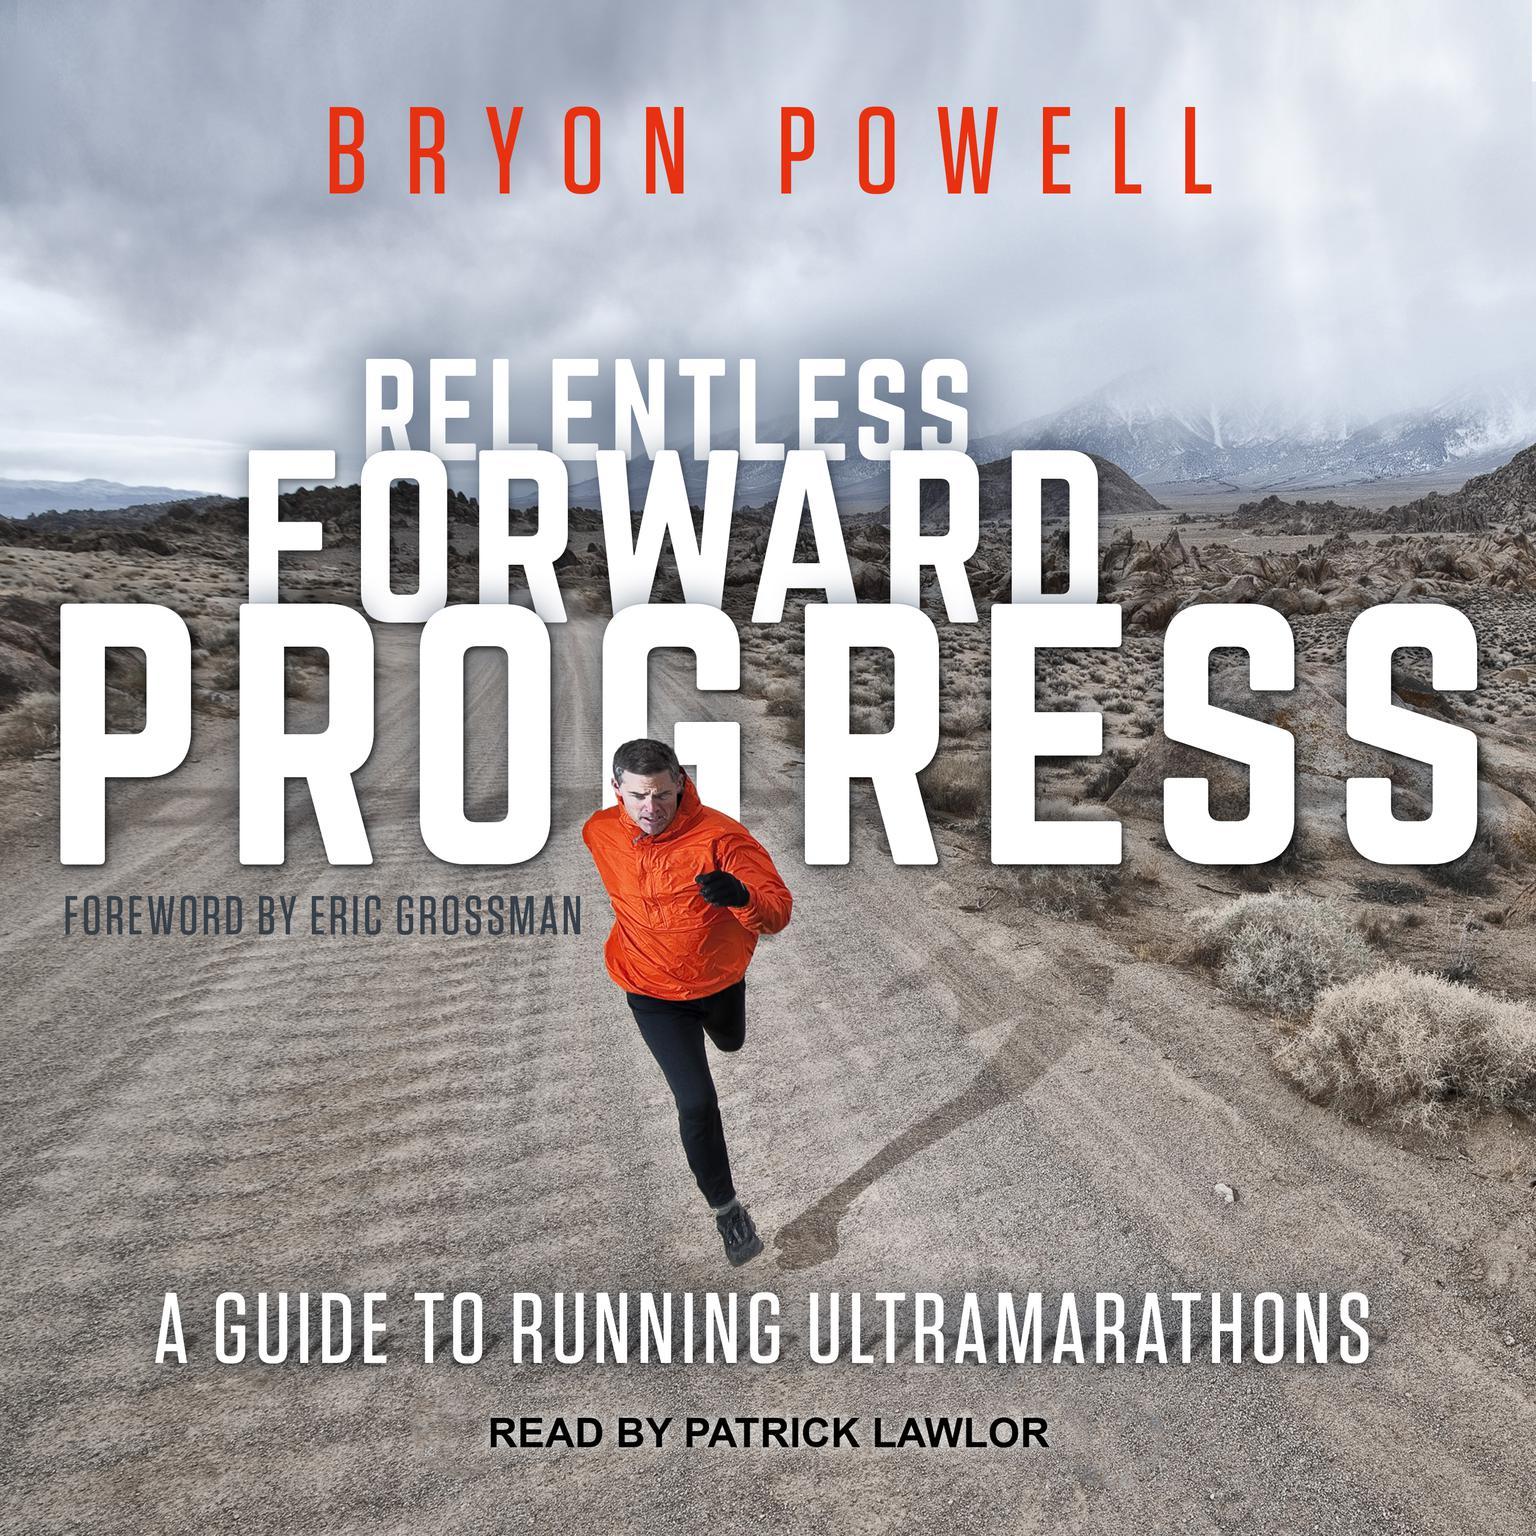 Relentless Forward Progress: A Guide to Running Ultramarathons Audiobook, by Bryon Powell